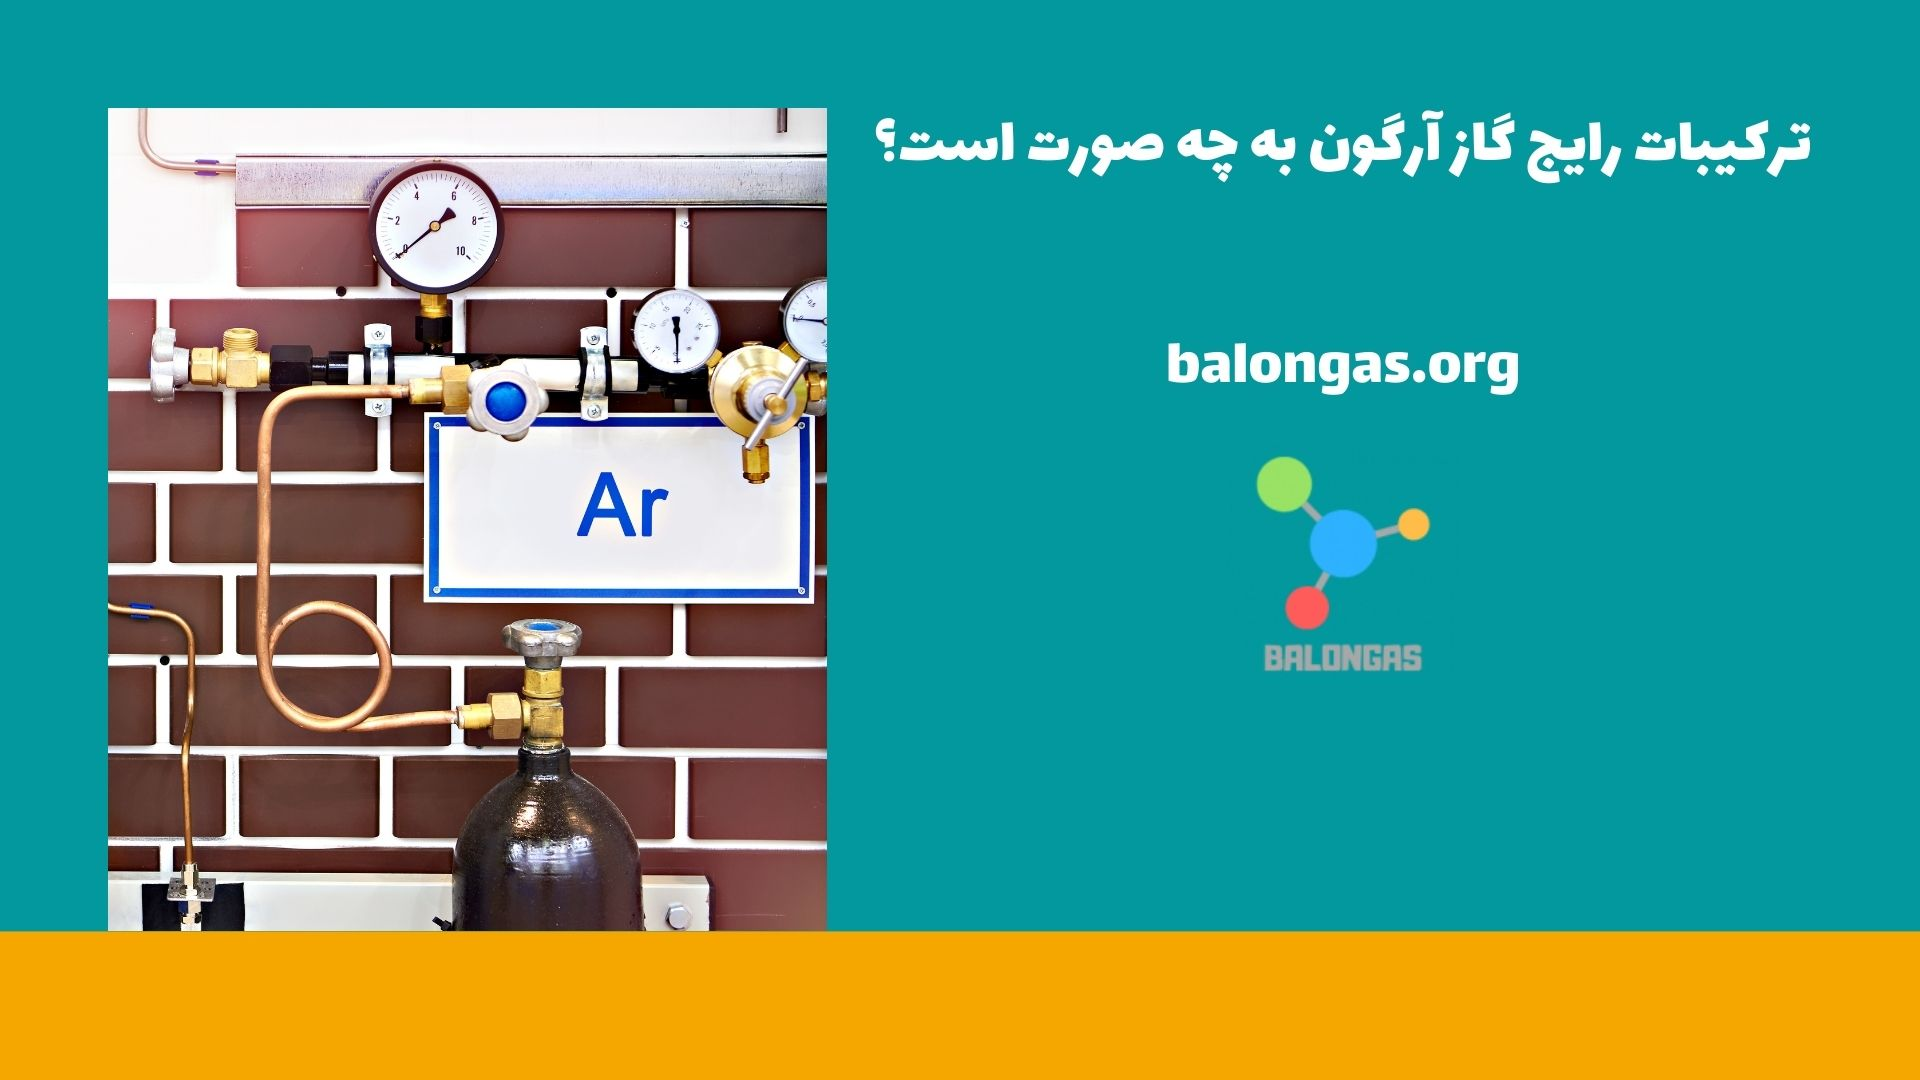 ترکیبات رایج گاز آرگون به چه صورت است؟